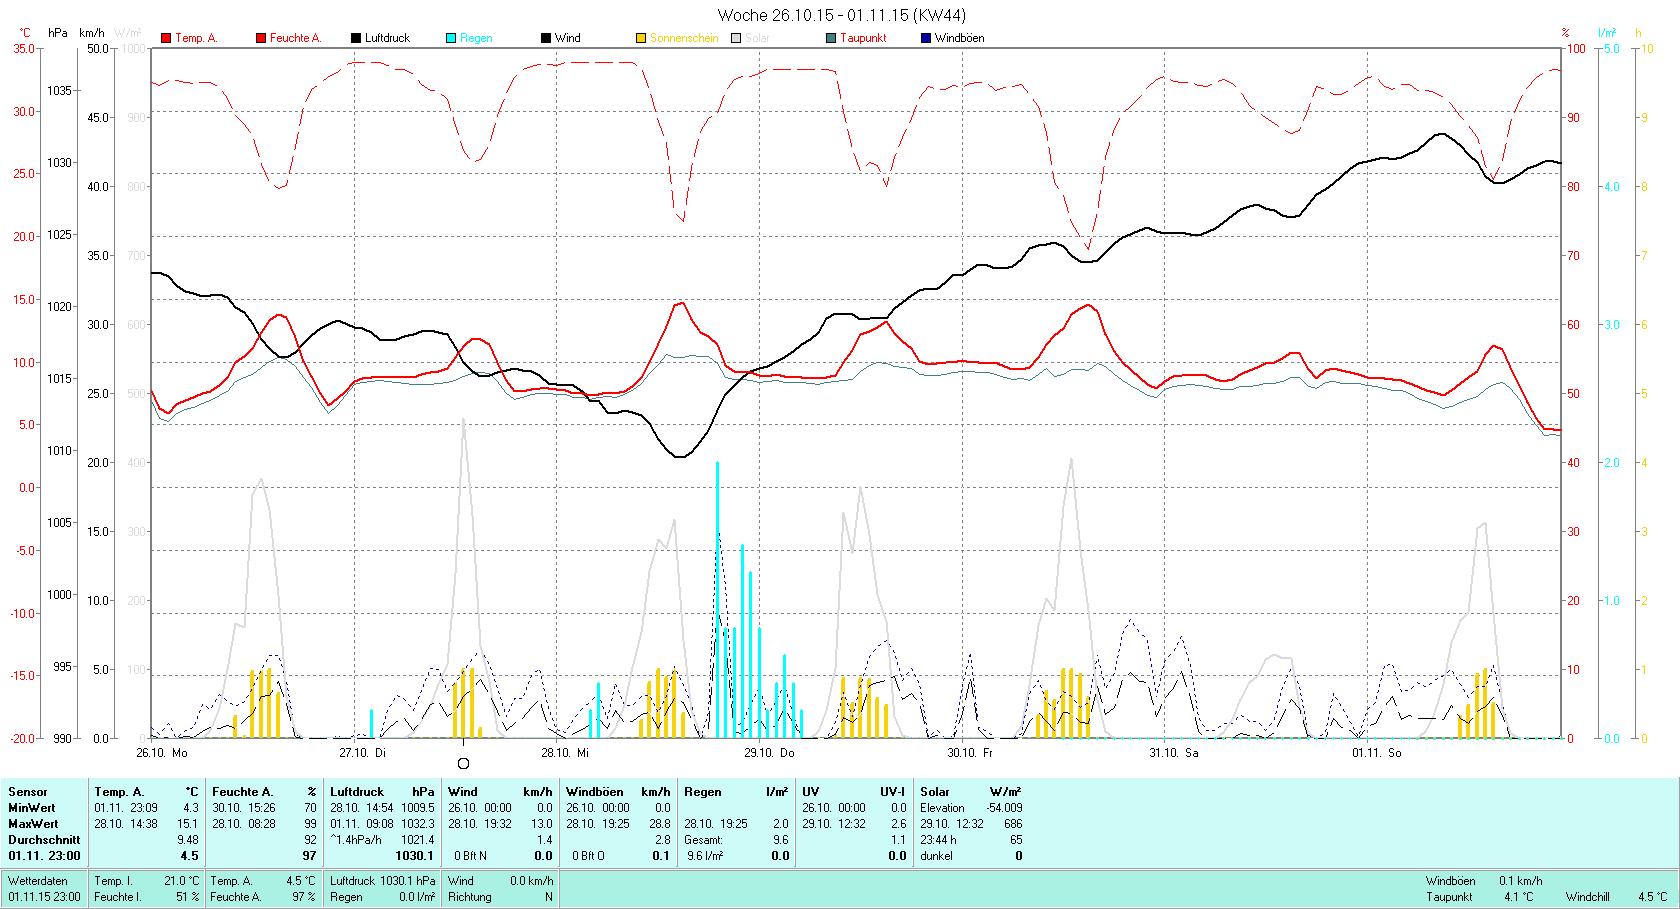 KW 44 Tmin 4.3°C, Tmax 15.1°C, Sonne 23:44h, Niederschlag 9.6mm/2